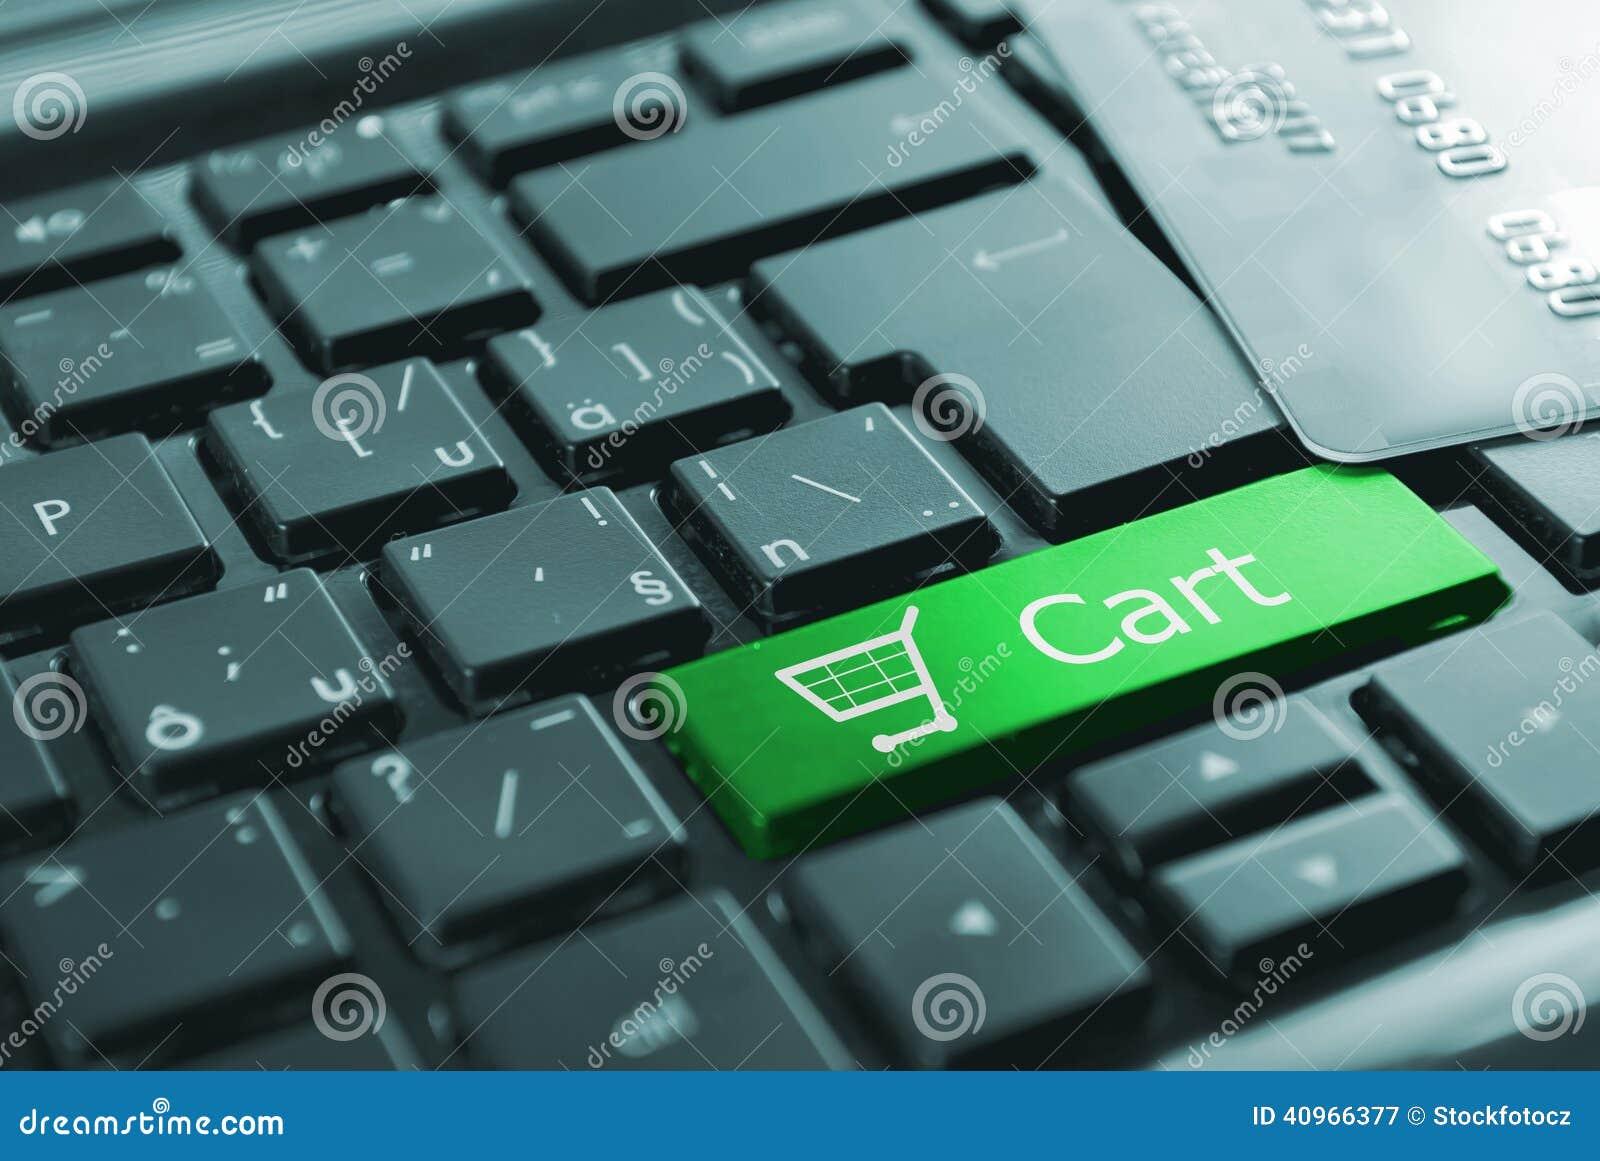 Green shopping cart button